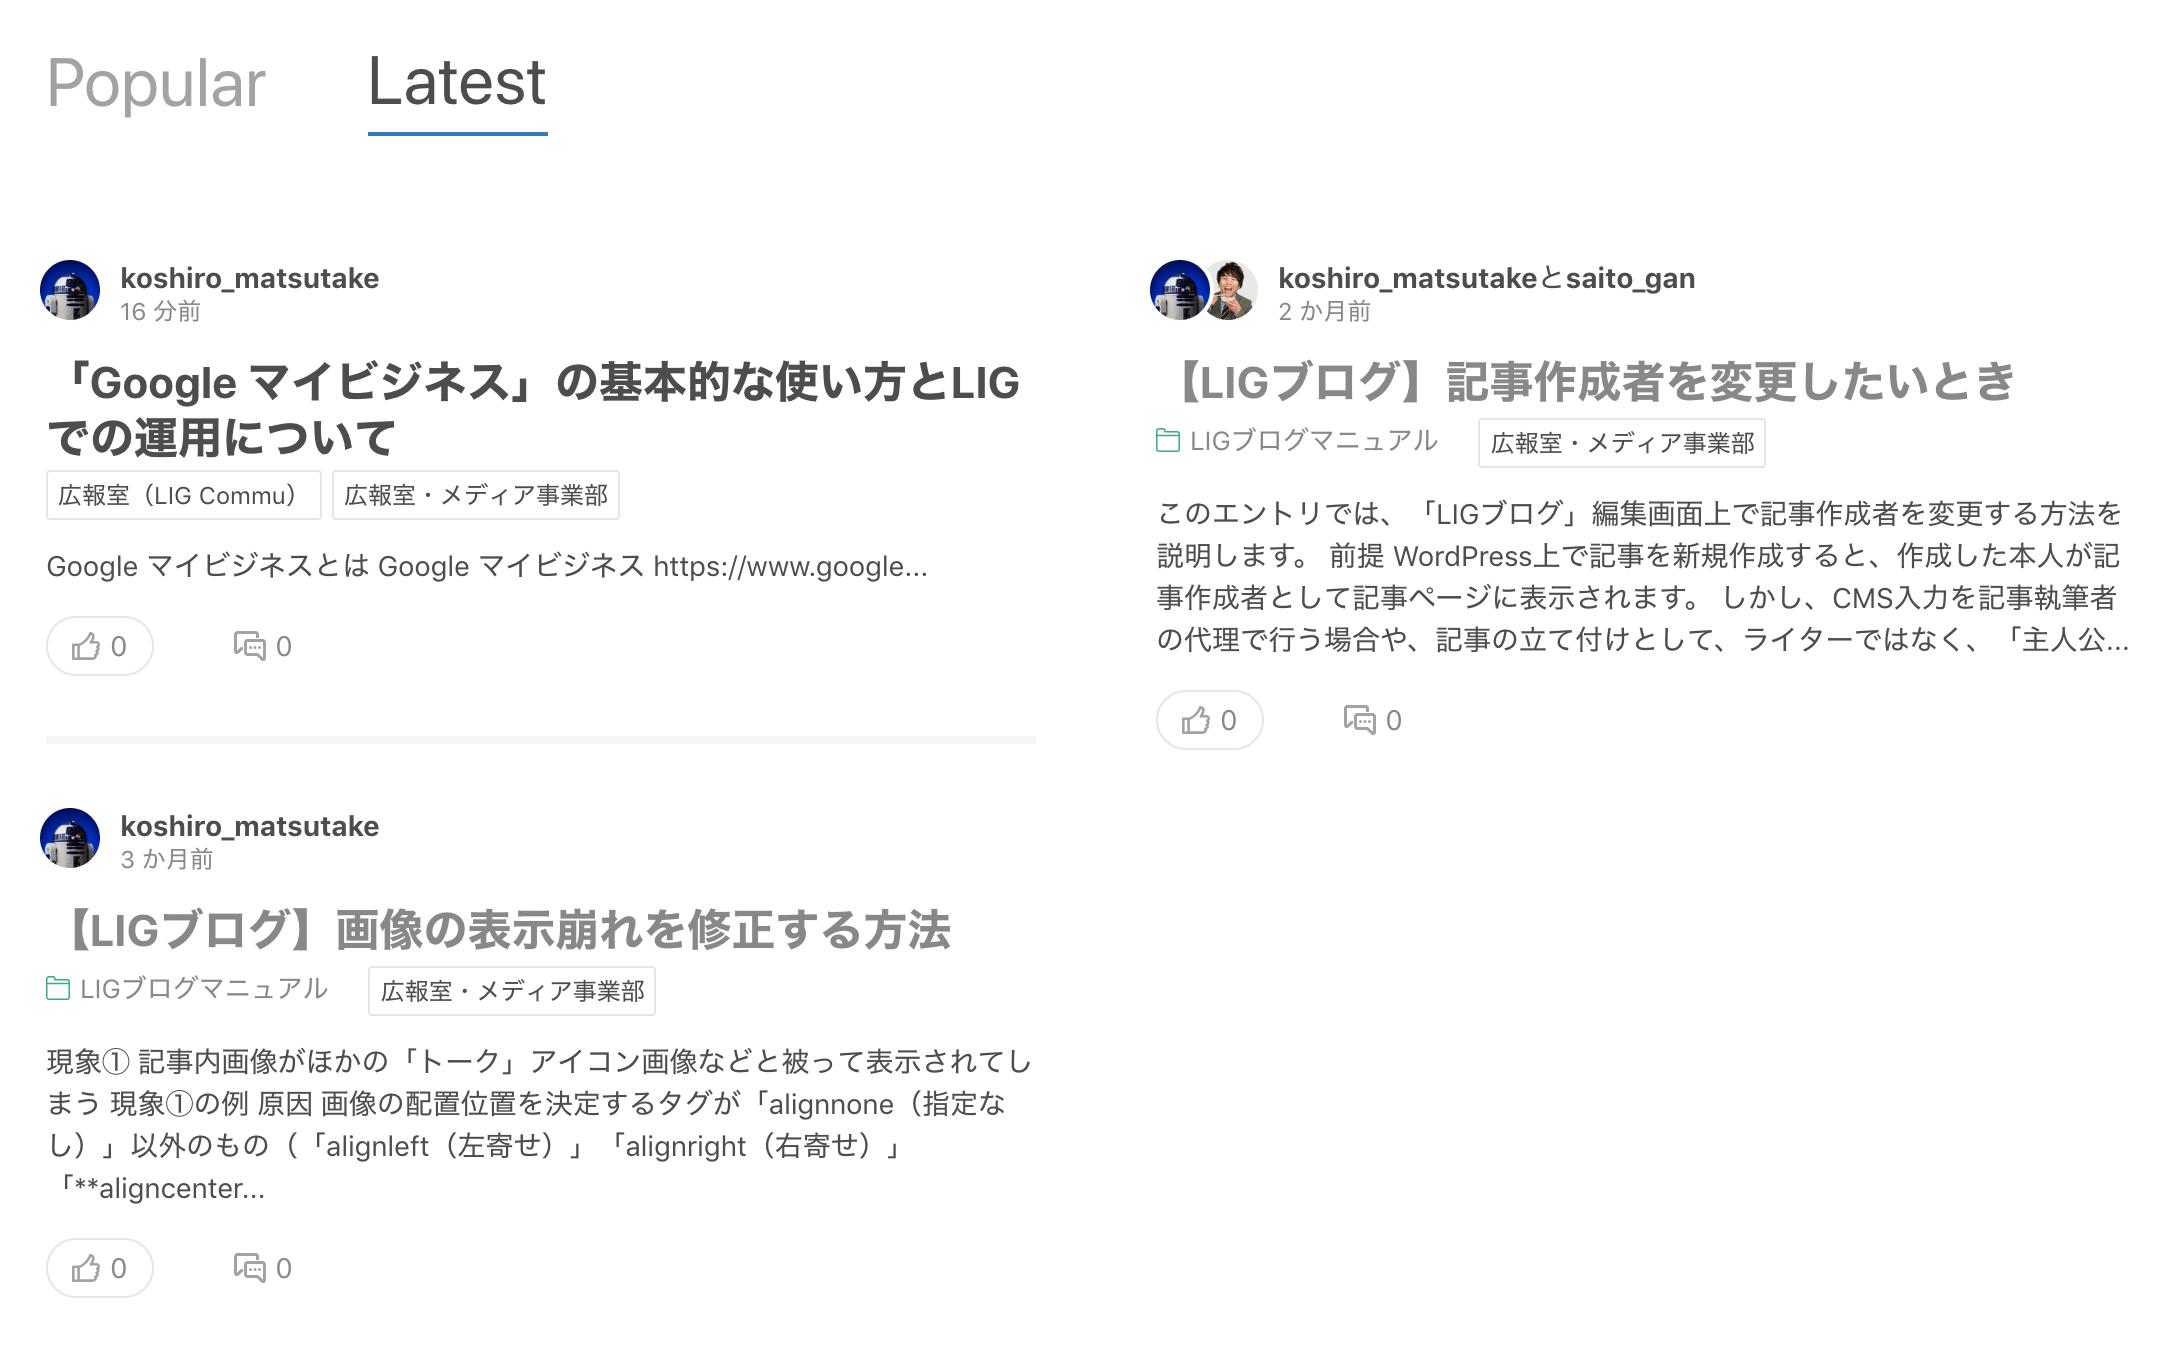 メンバーのプロフィールページのキャプチャ